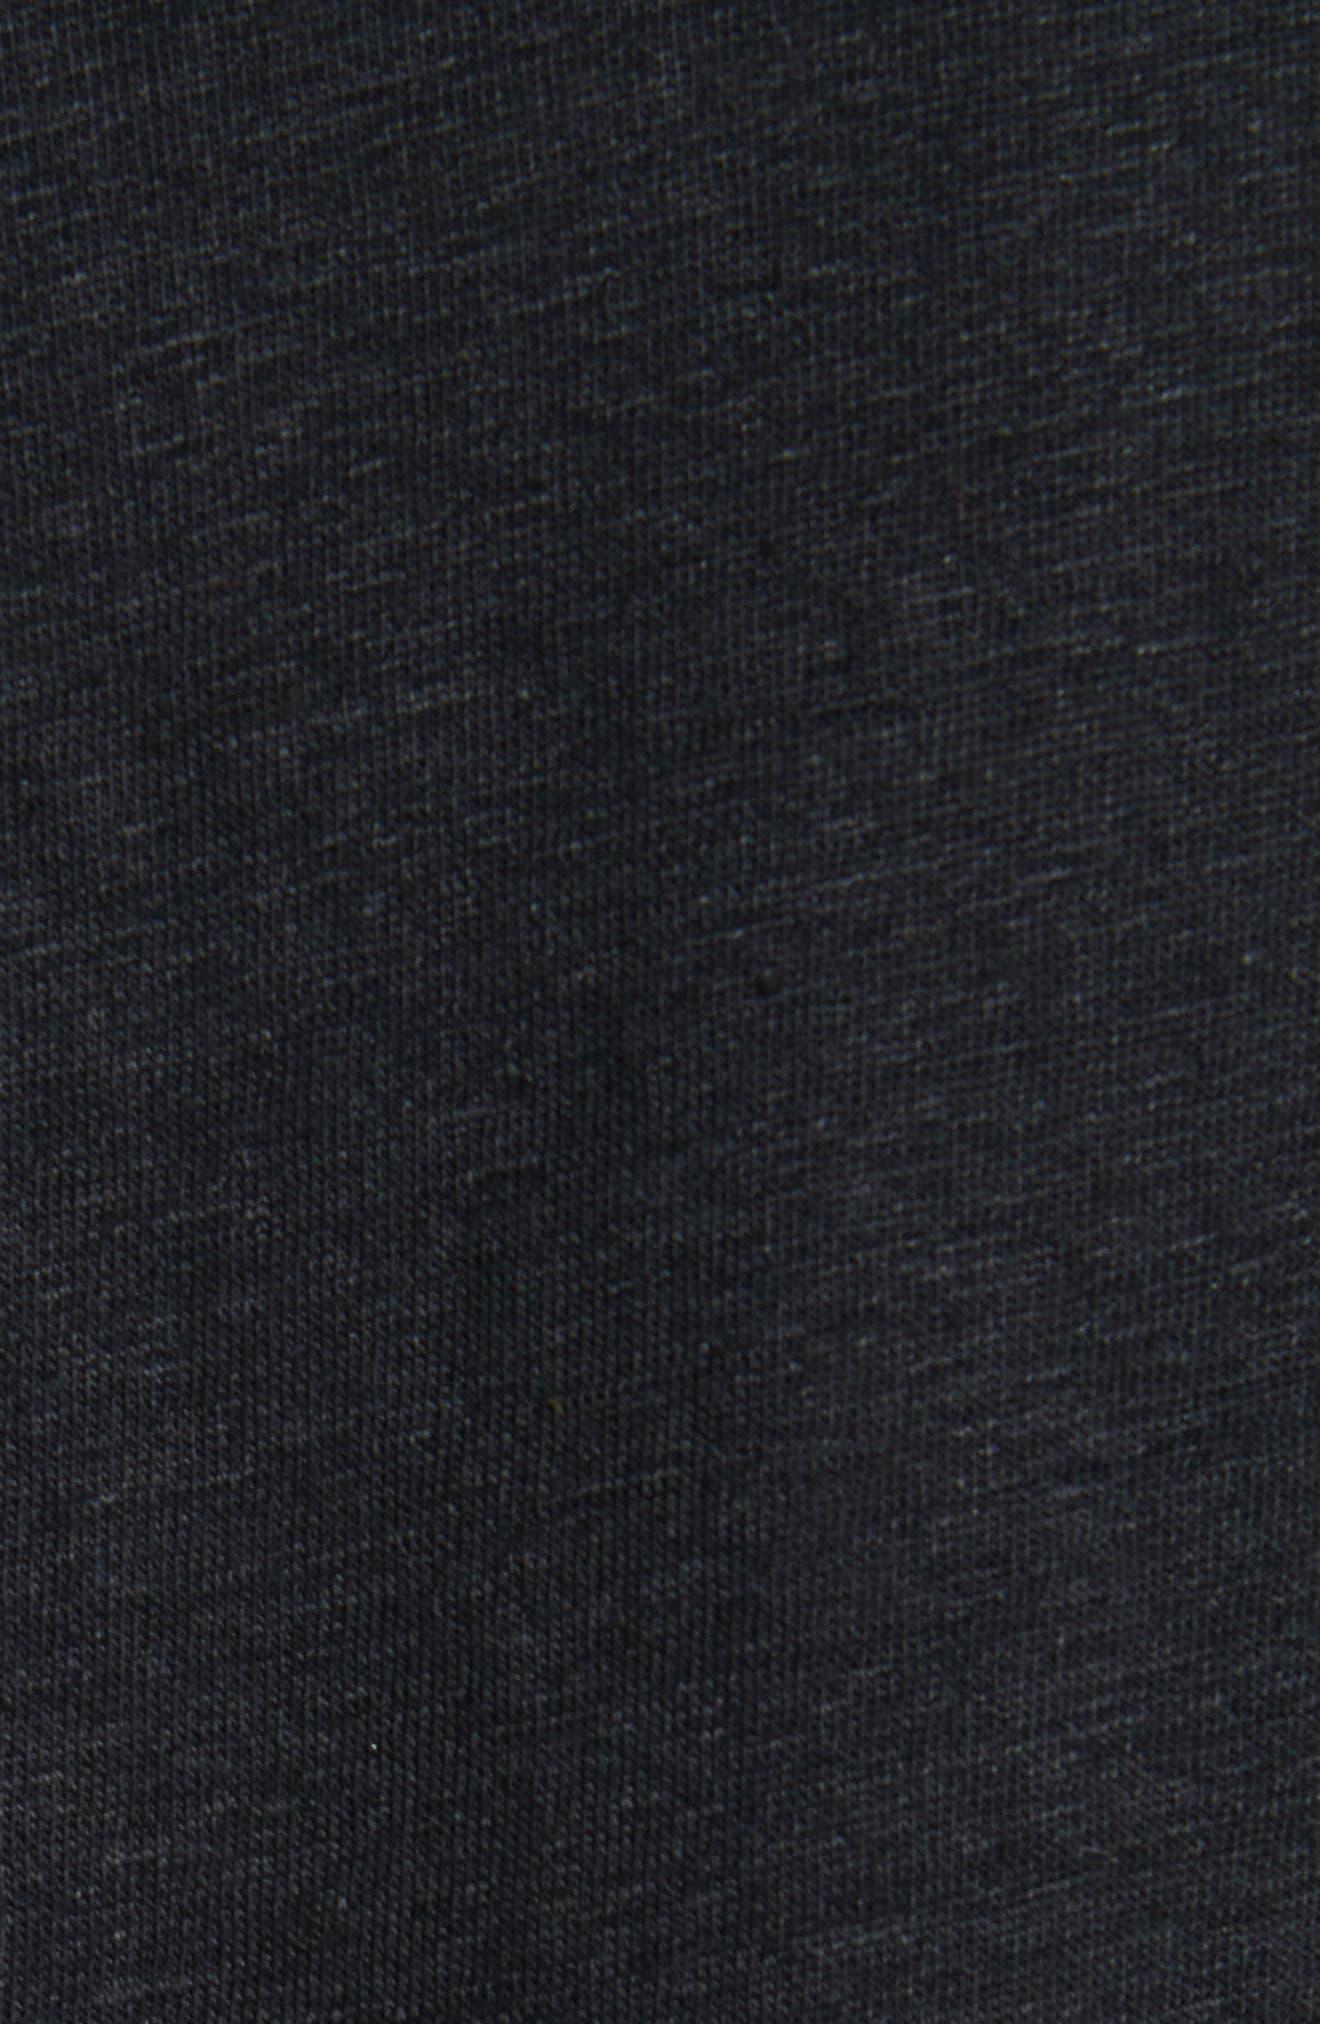 Stretch Linen Blazer,                             Alternate thumbnail 6, color,                             NOIR